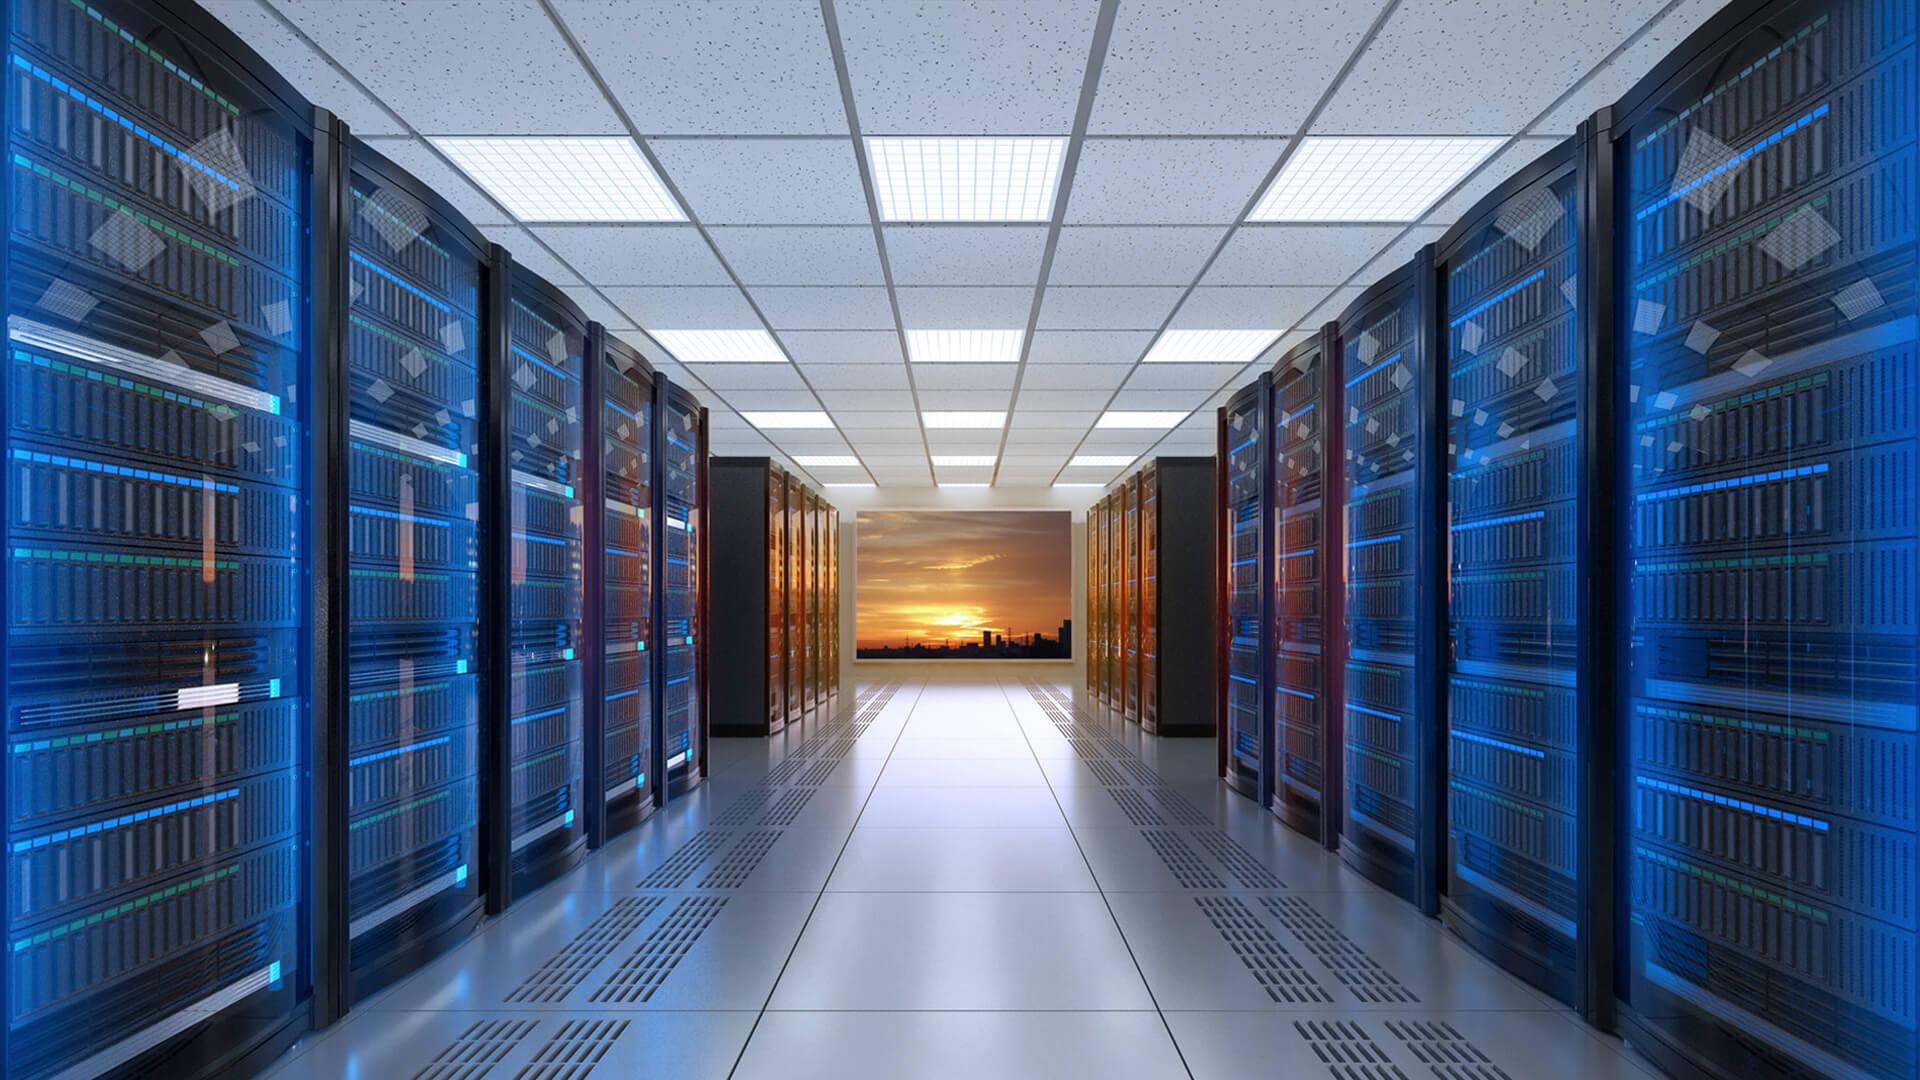 Spark vs Hadoop - a Settled Dilemma?